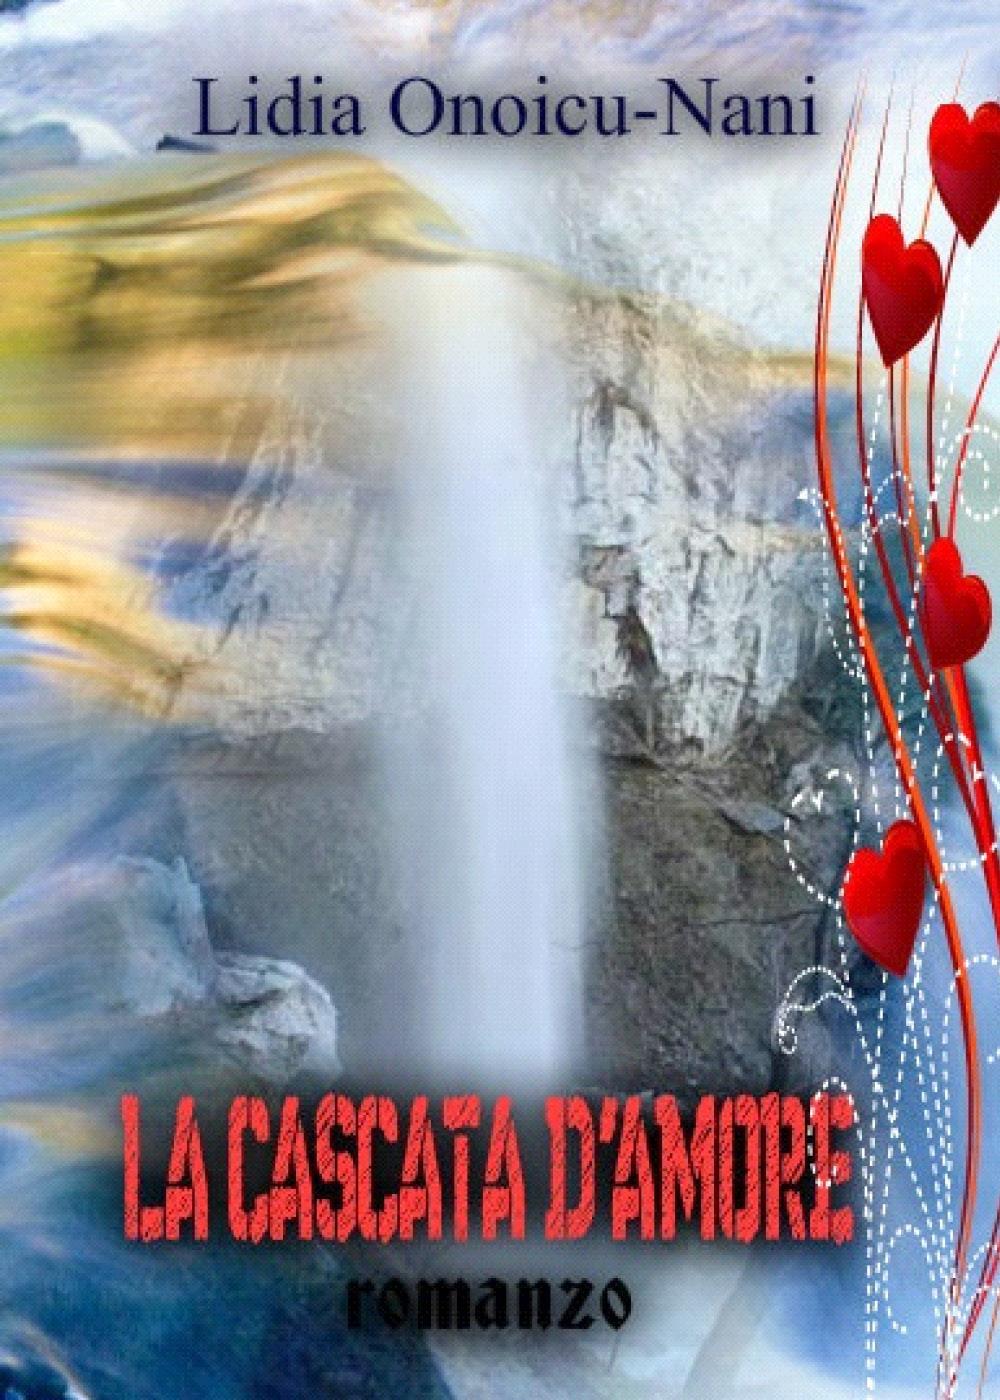 La cascata d'amore